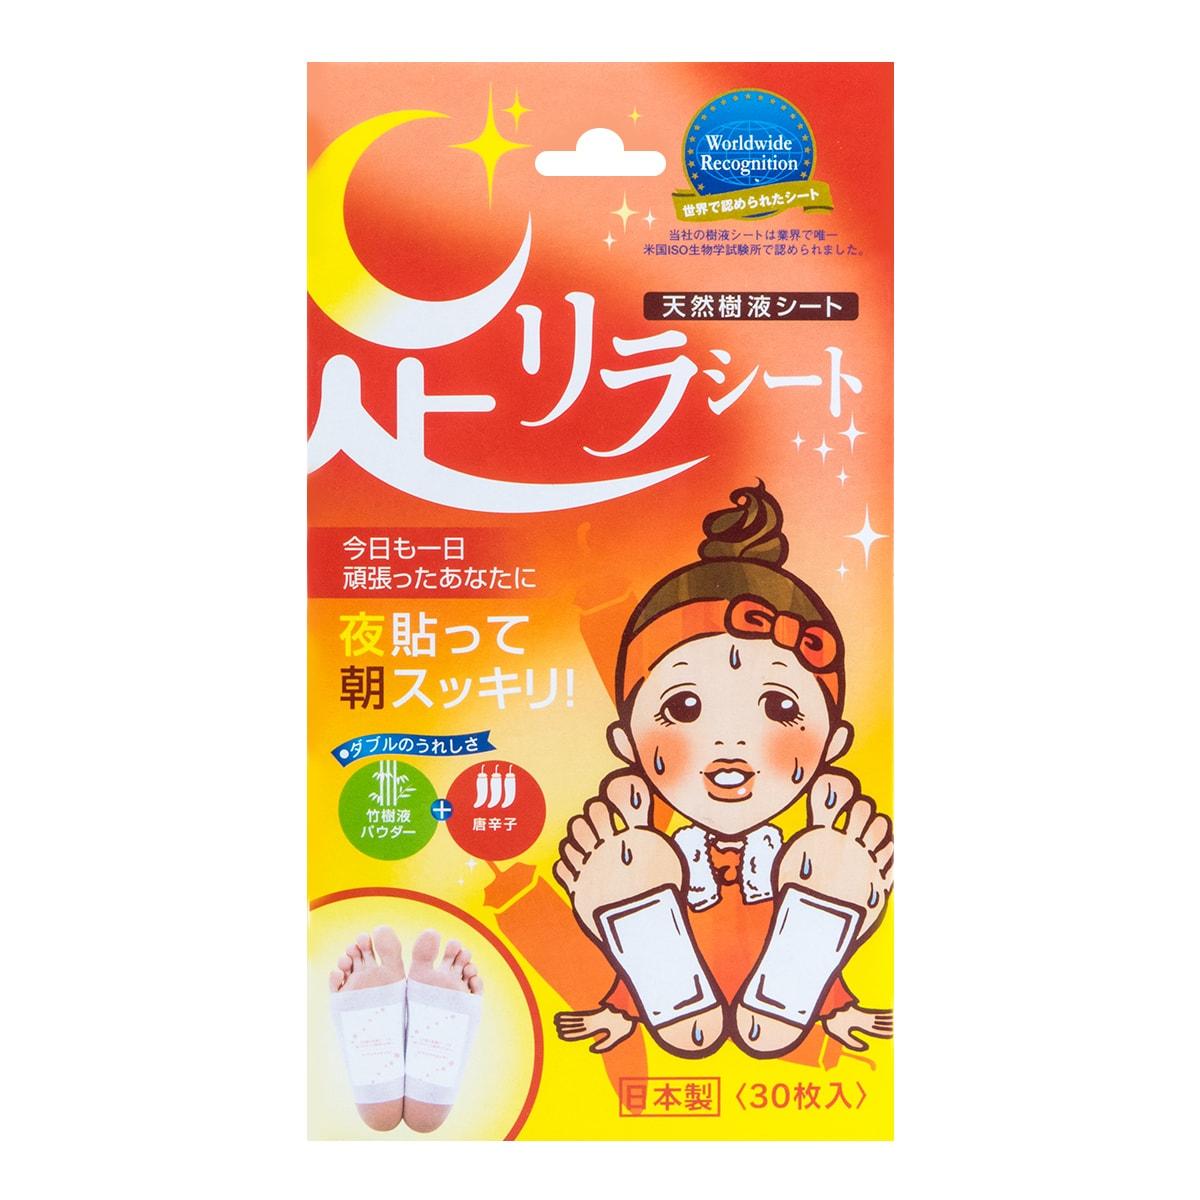 日本ASHIRIRA树之惠 天然树液促进新陈代谢足贴 唐辛子成分 30枚入